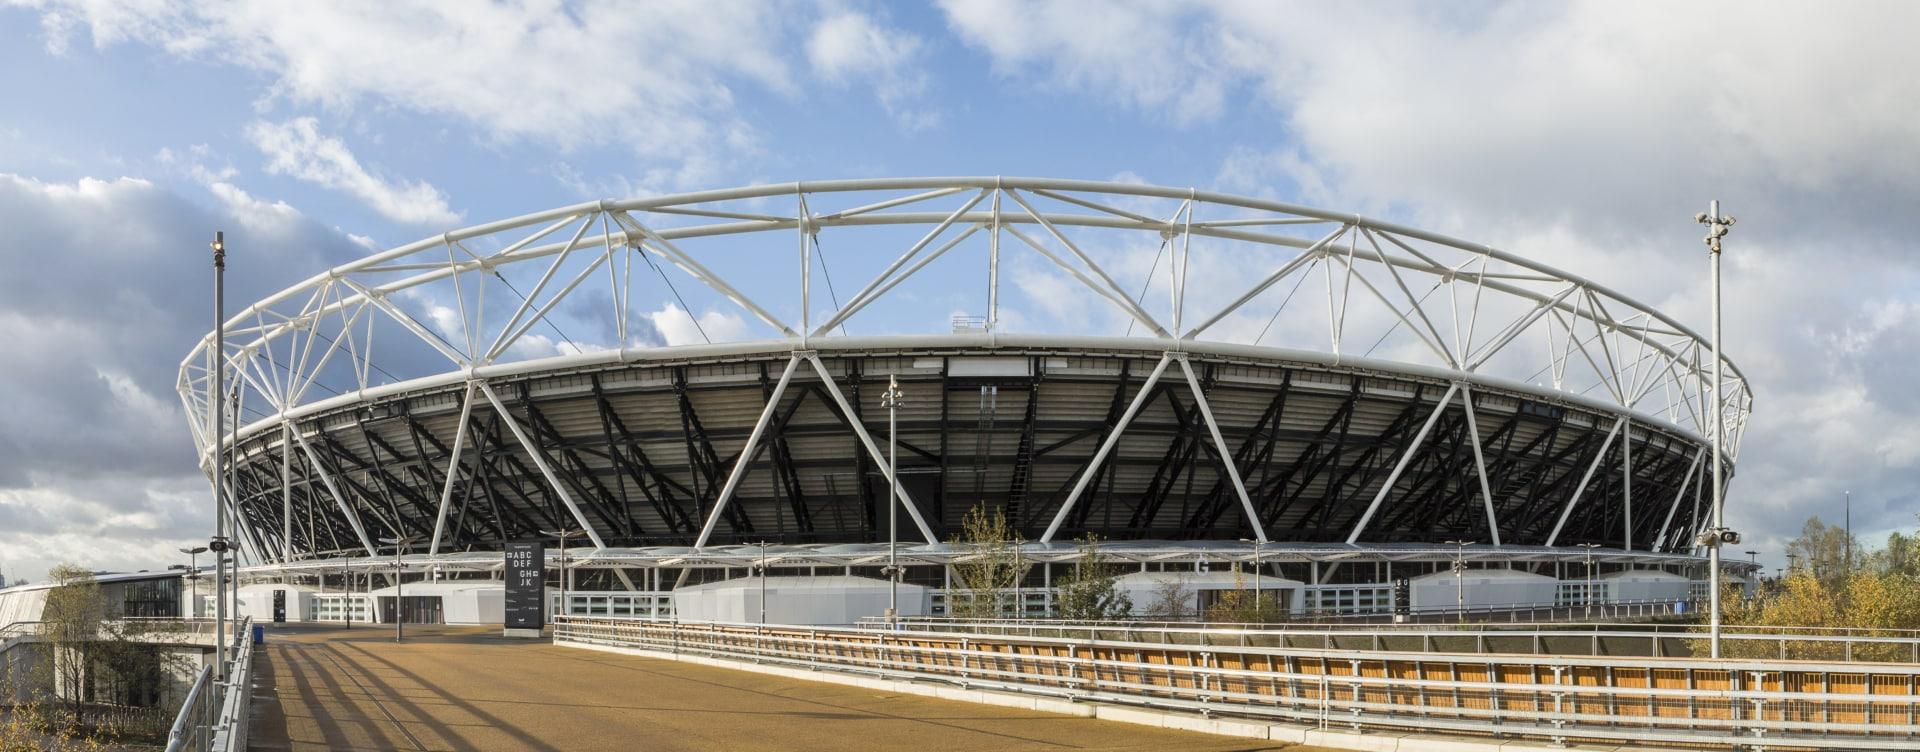 Vector Foiltec nahm an der Renovierung des London Olympic Stadium teil und baute ein Texlon ETFE Vordach und einen West Stand-Baldachin.